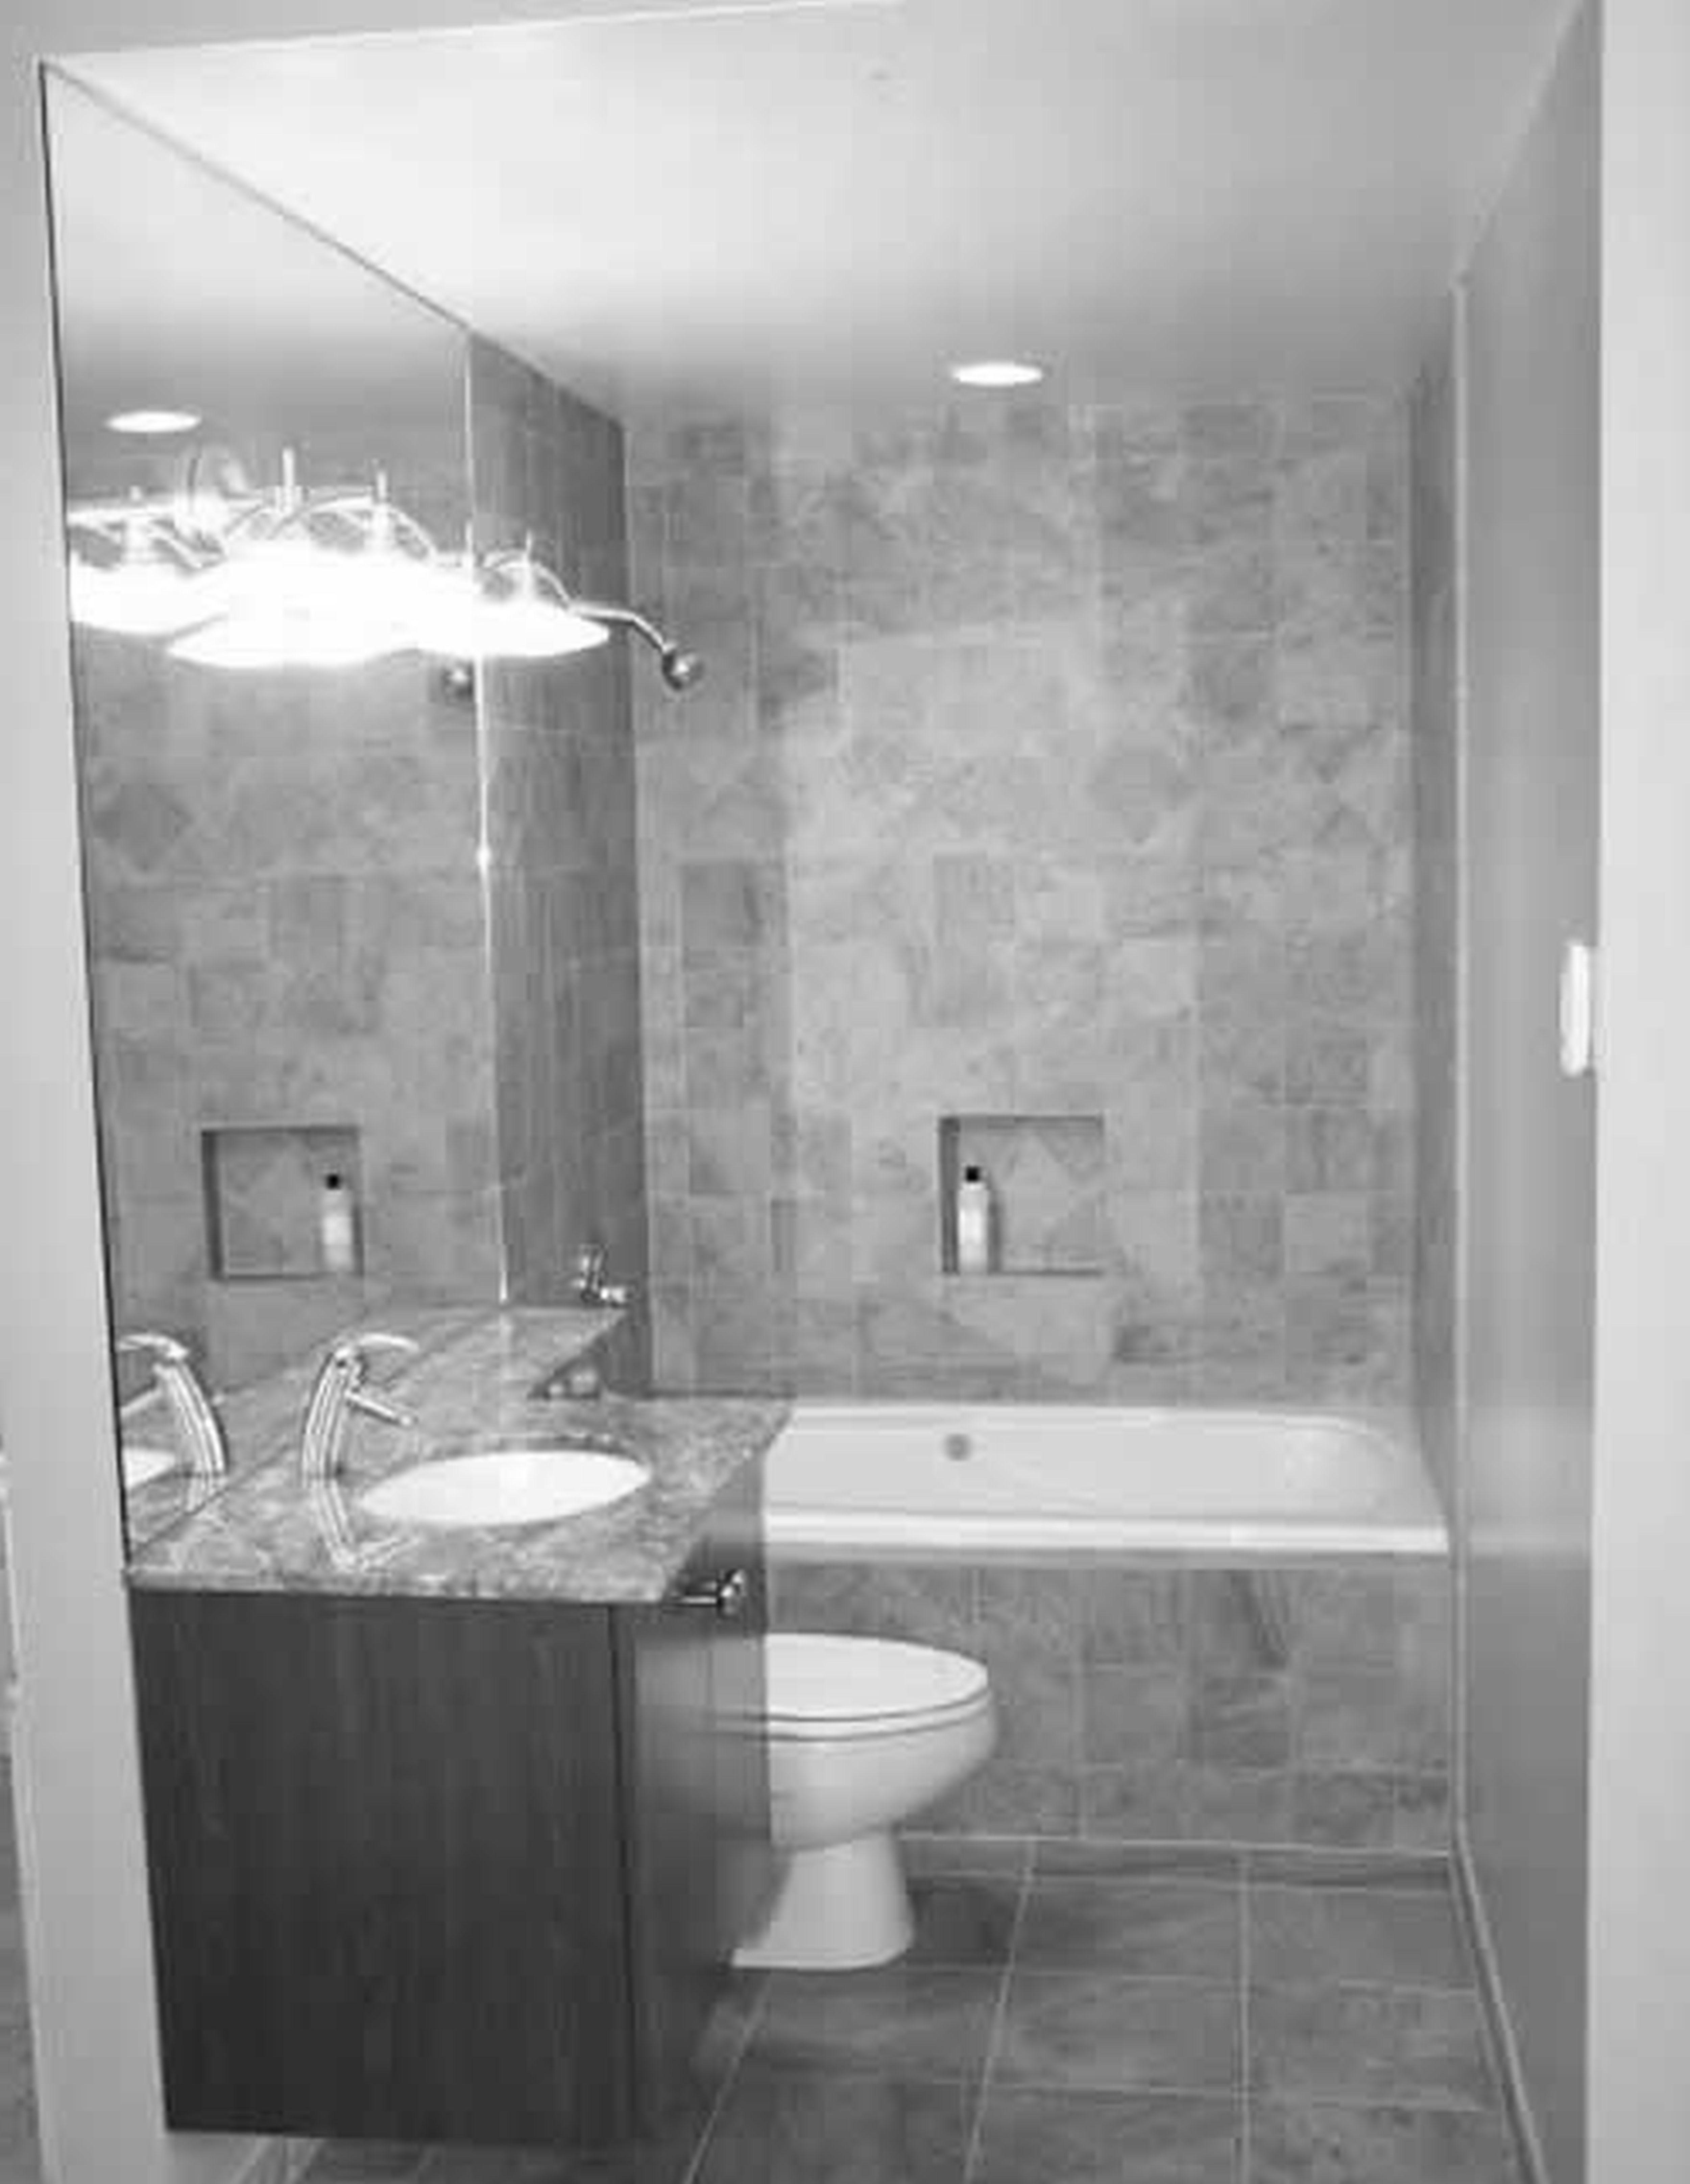 elegant bathroom design ideas gallery-Amazing Bathroom Design Ideas Model